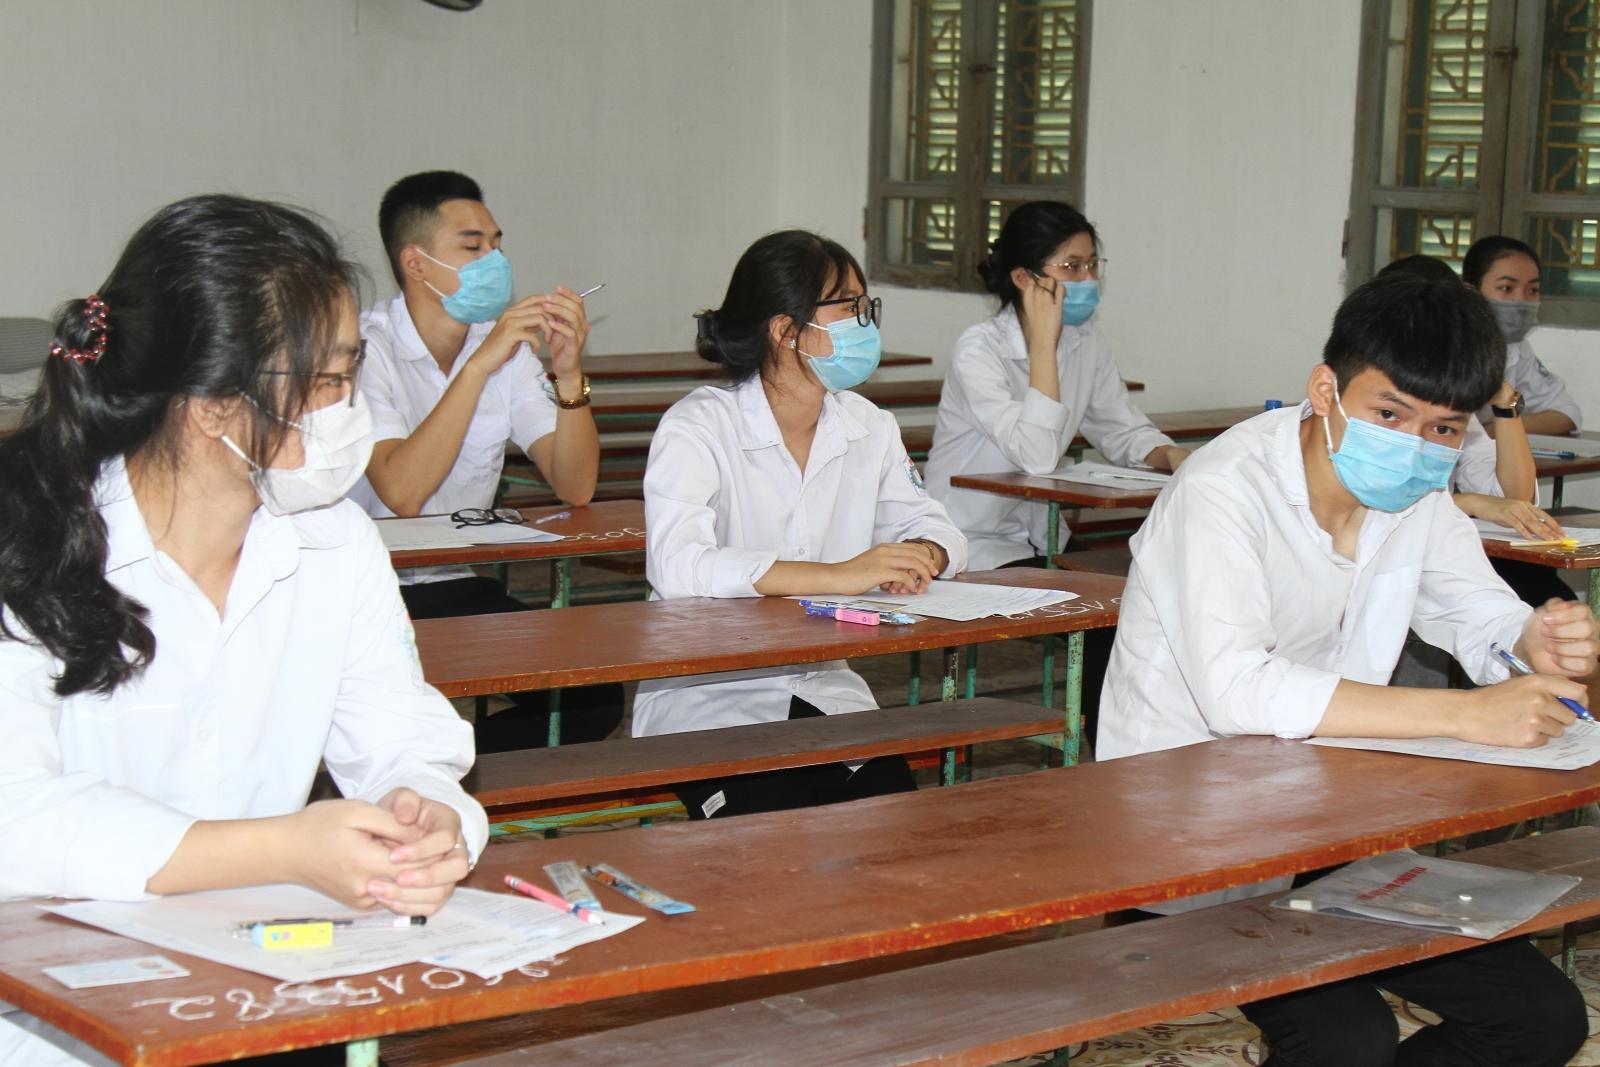 Bỏ môn thi thứ 4 trong kỳ thi vào lớp 10 năm học 2021-2022